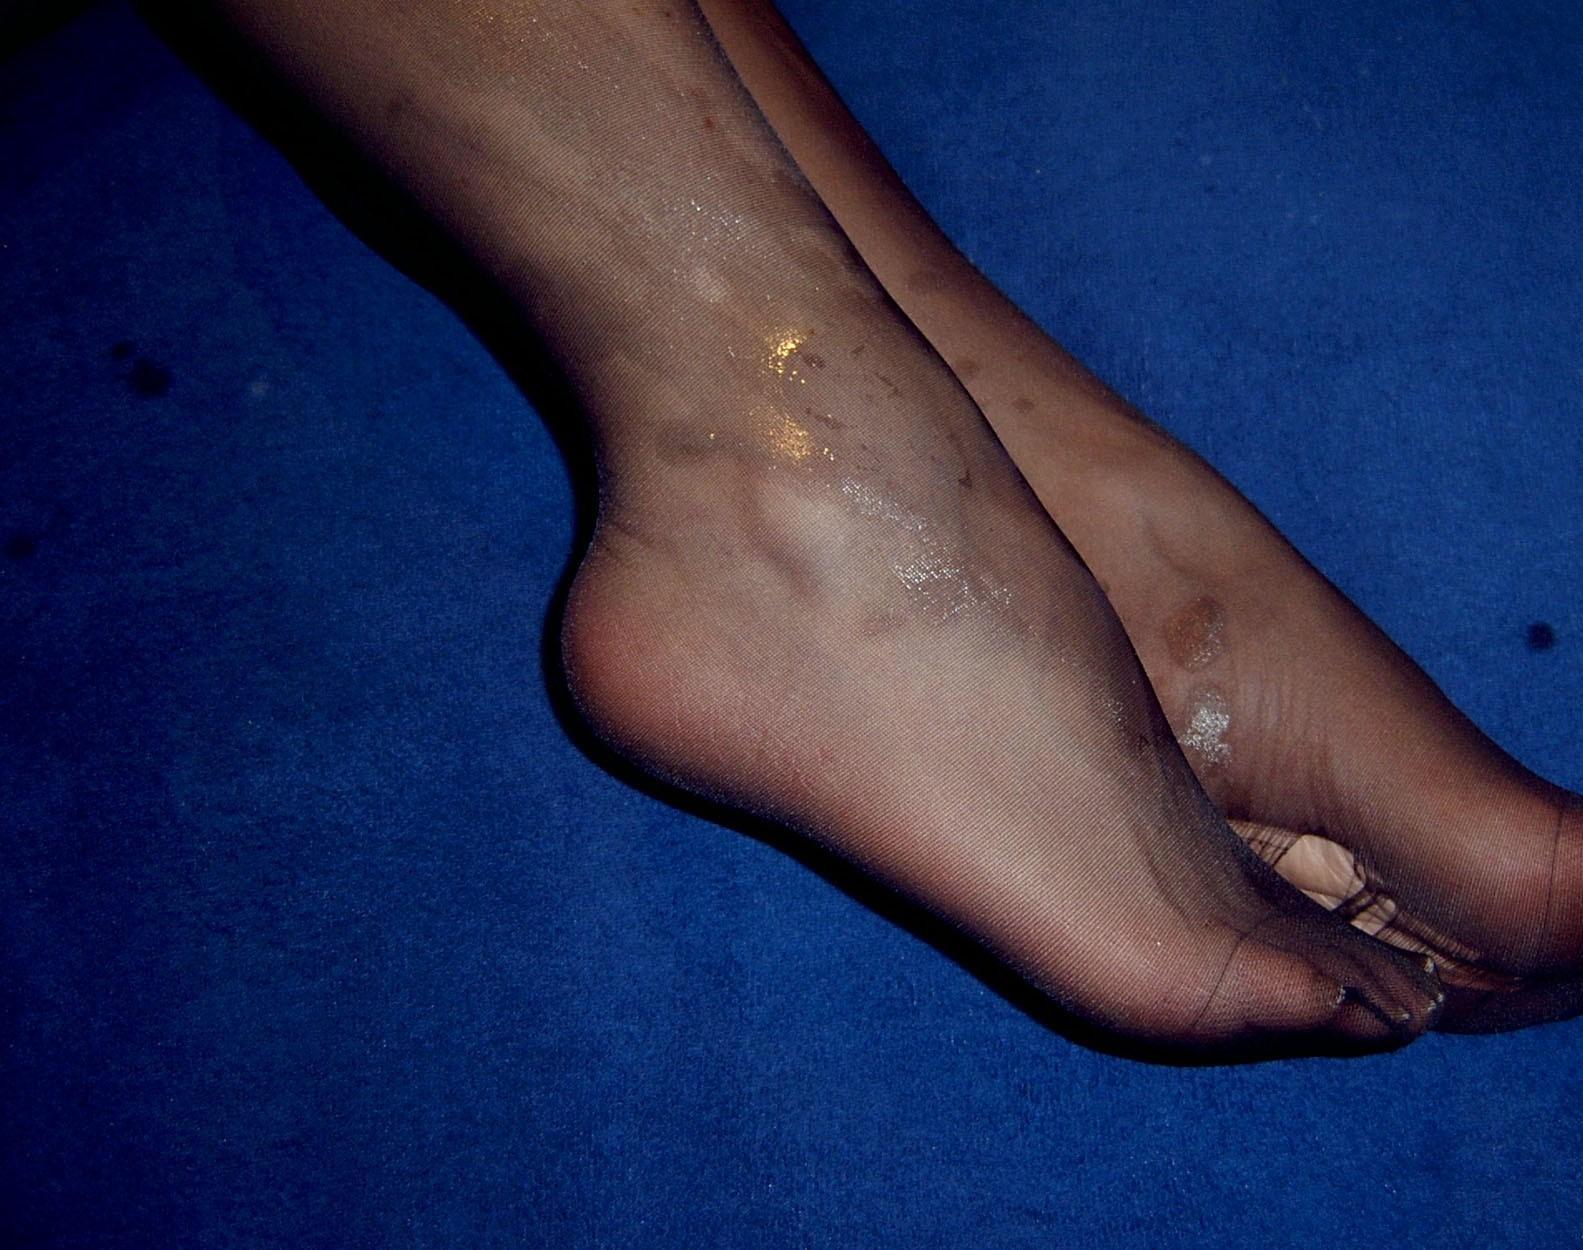 Фото спермы на колготках на ногах 17 фотография